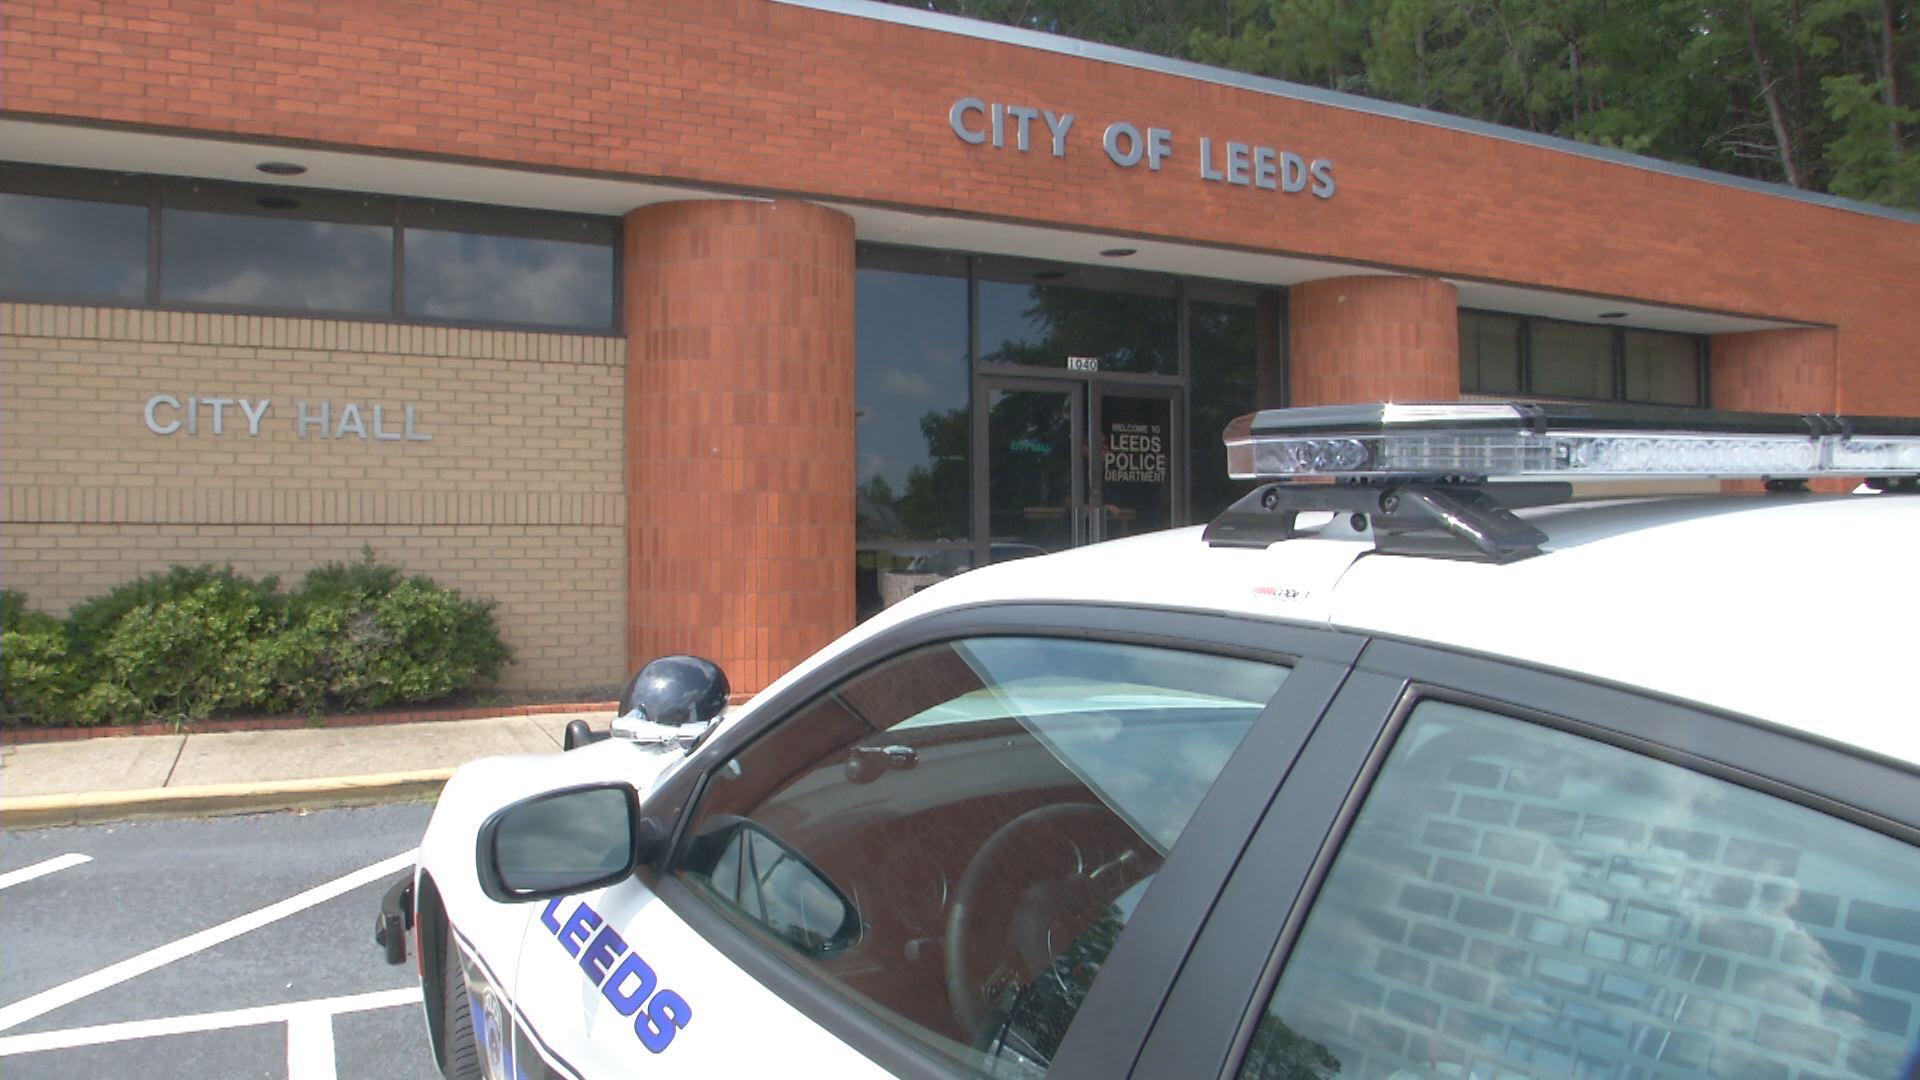 city of leeds_314511